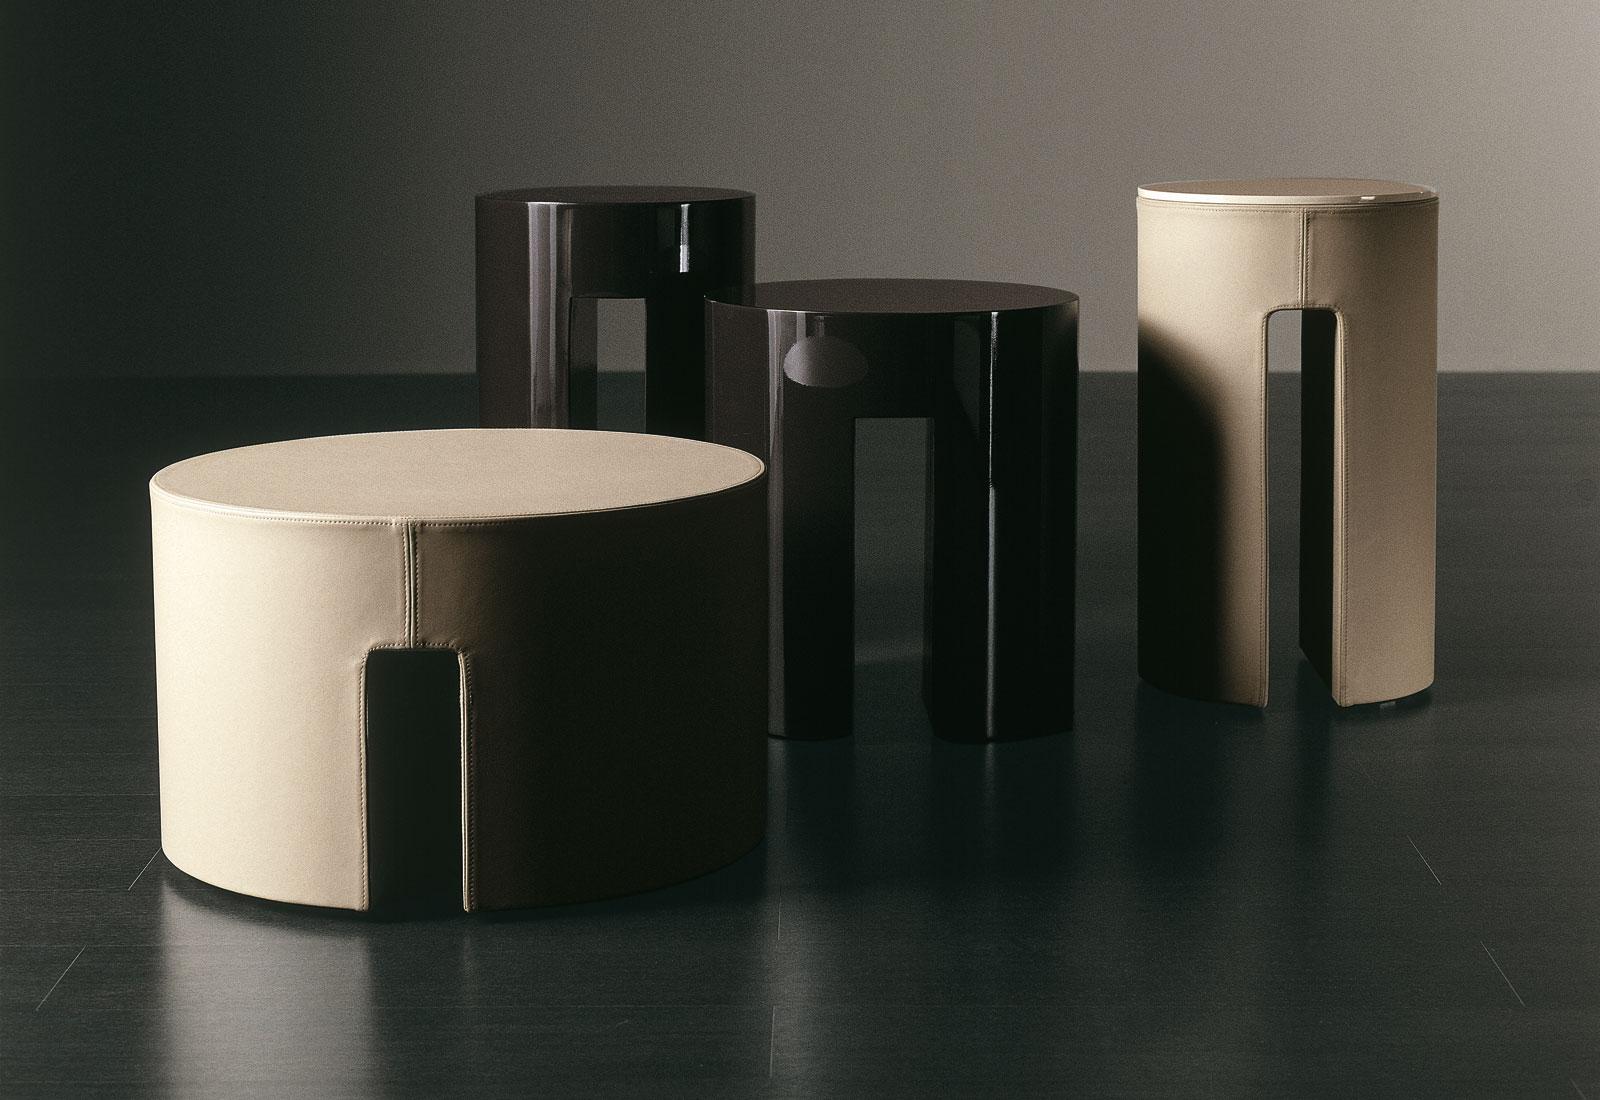 Beistelltisch gong schlafzimmer meridiani marken for Beistelltisch schlafzimmer